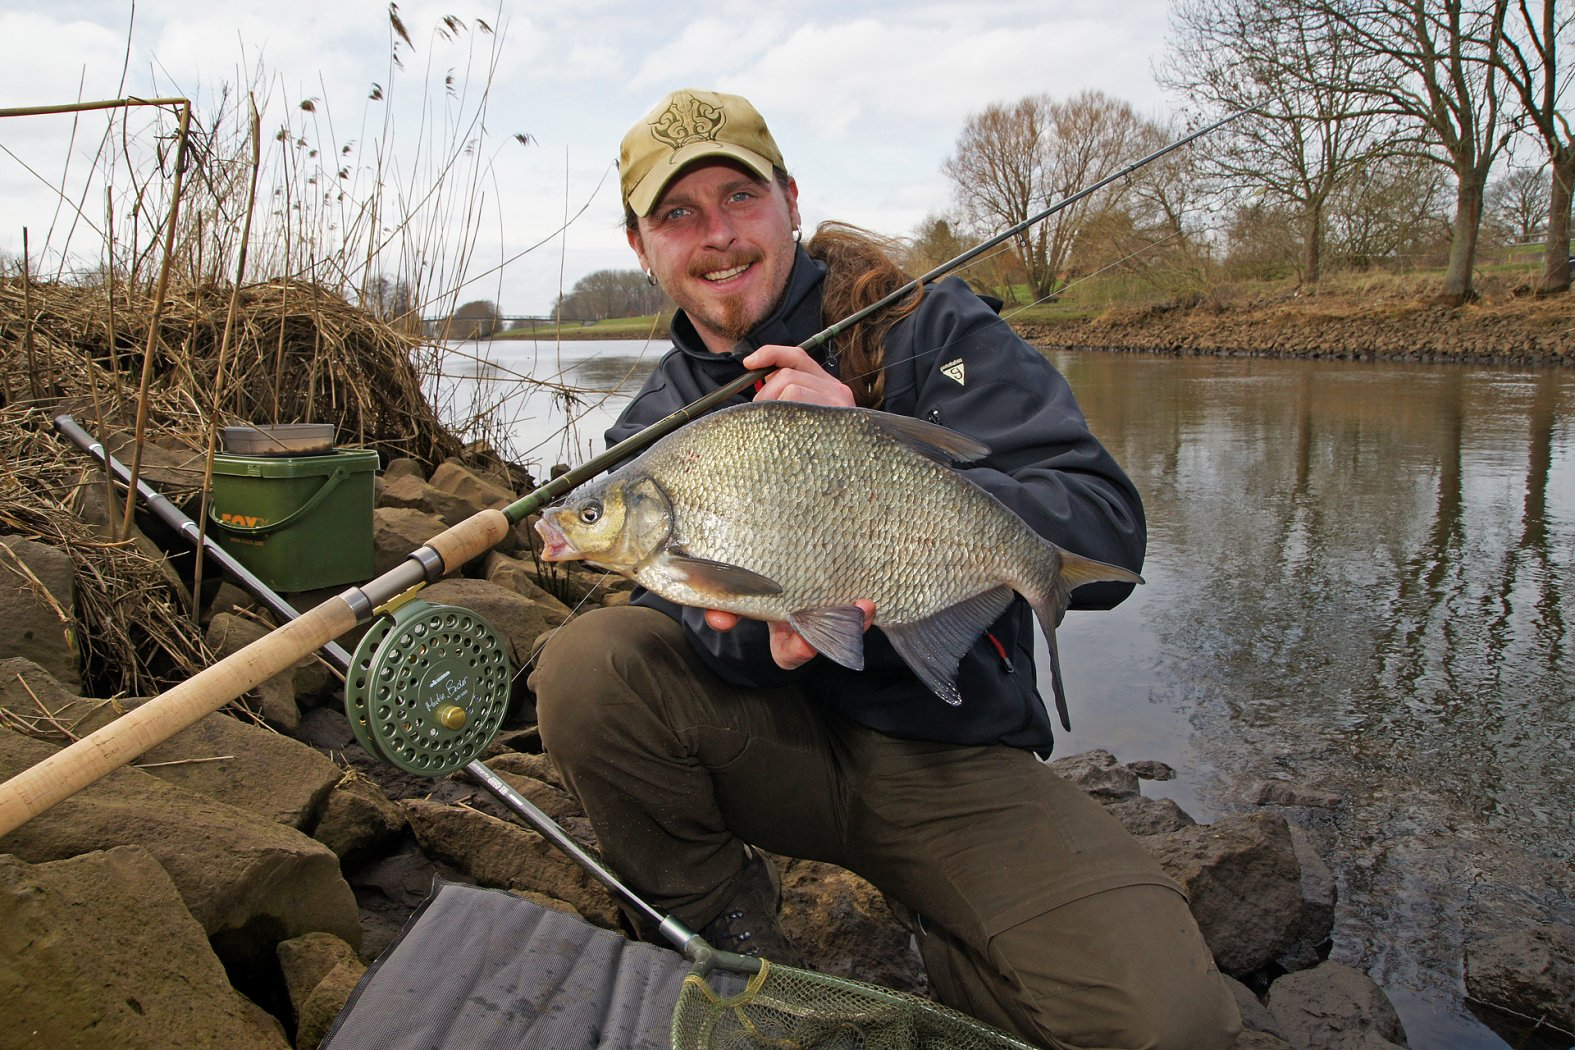 Brassen angeln im Fluss mit Pose